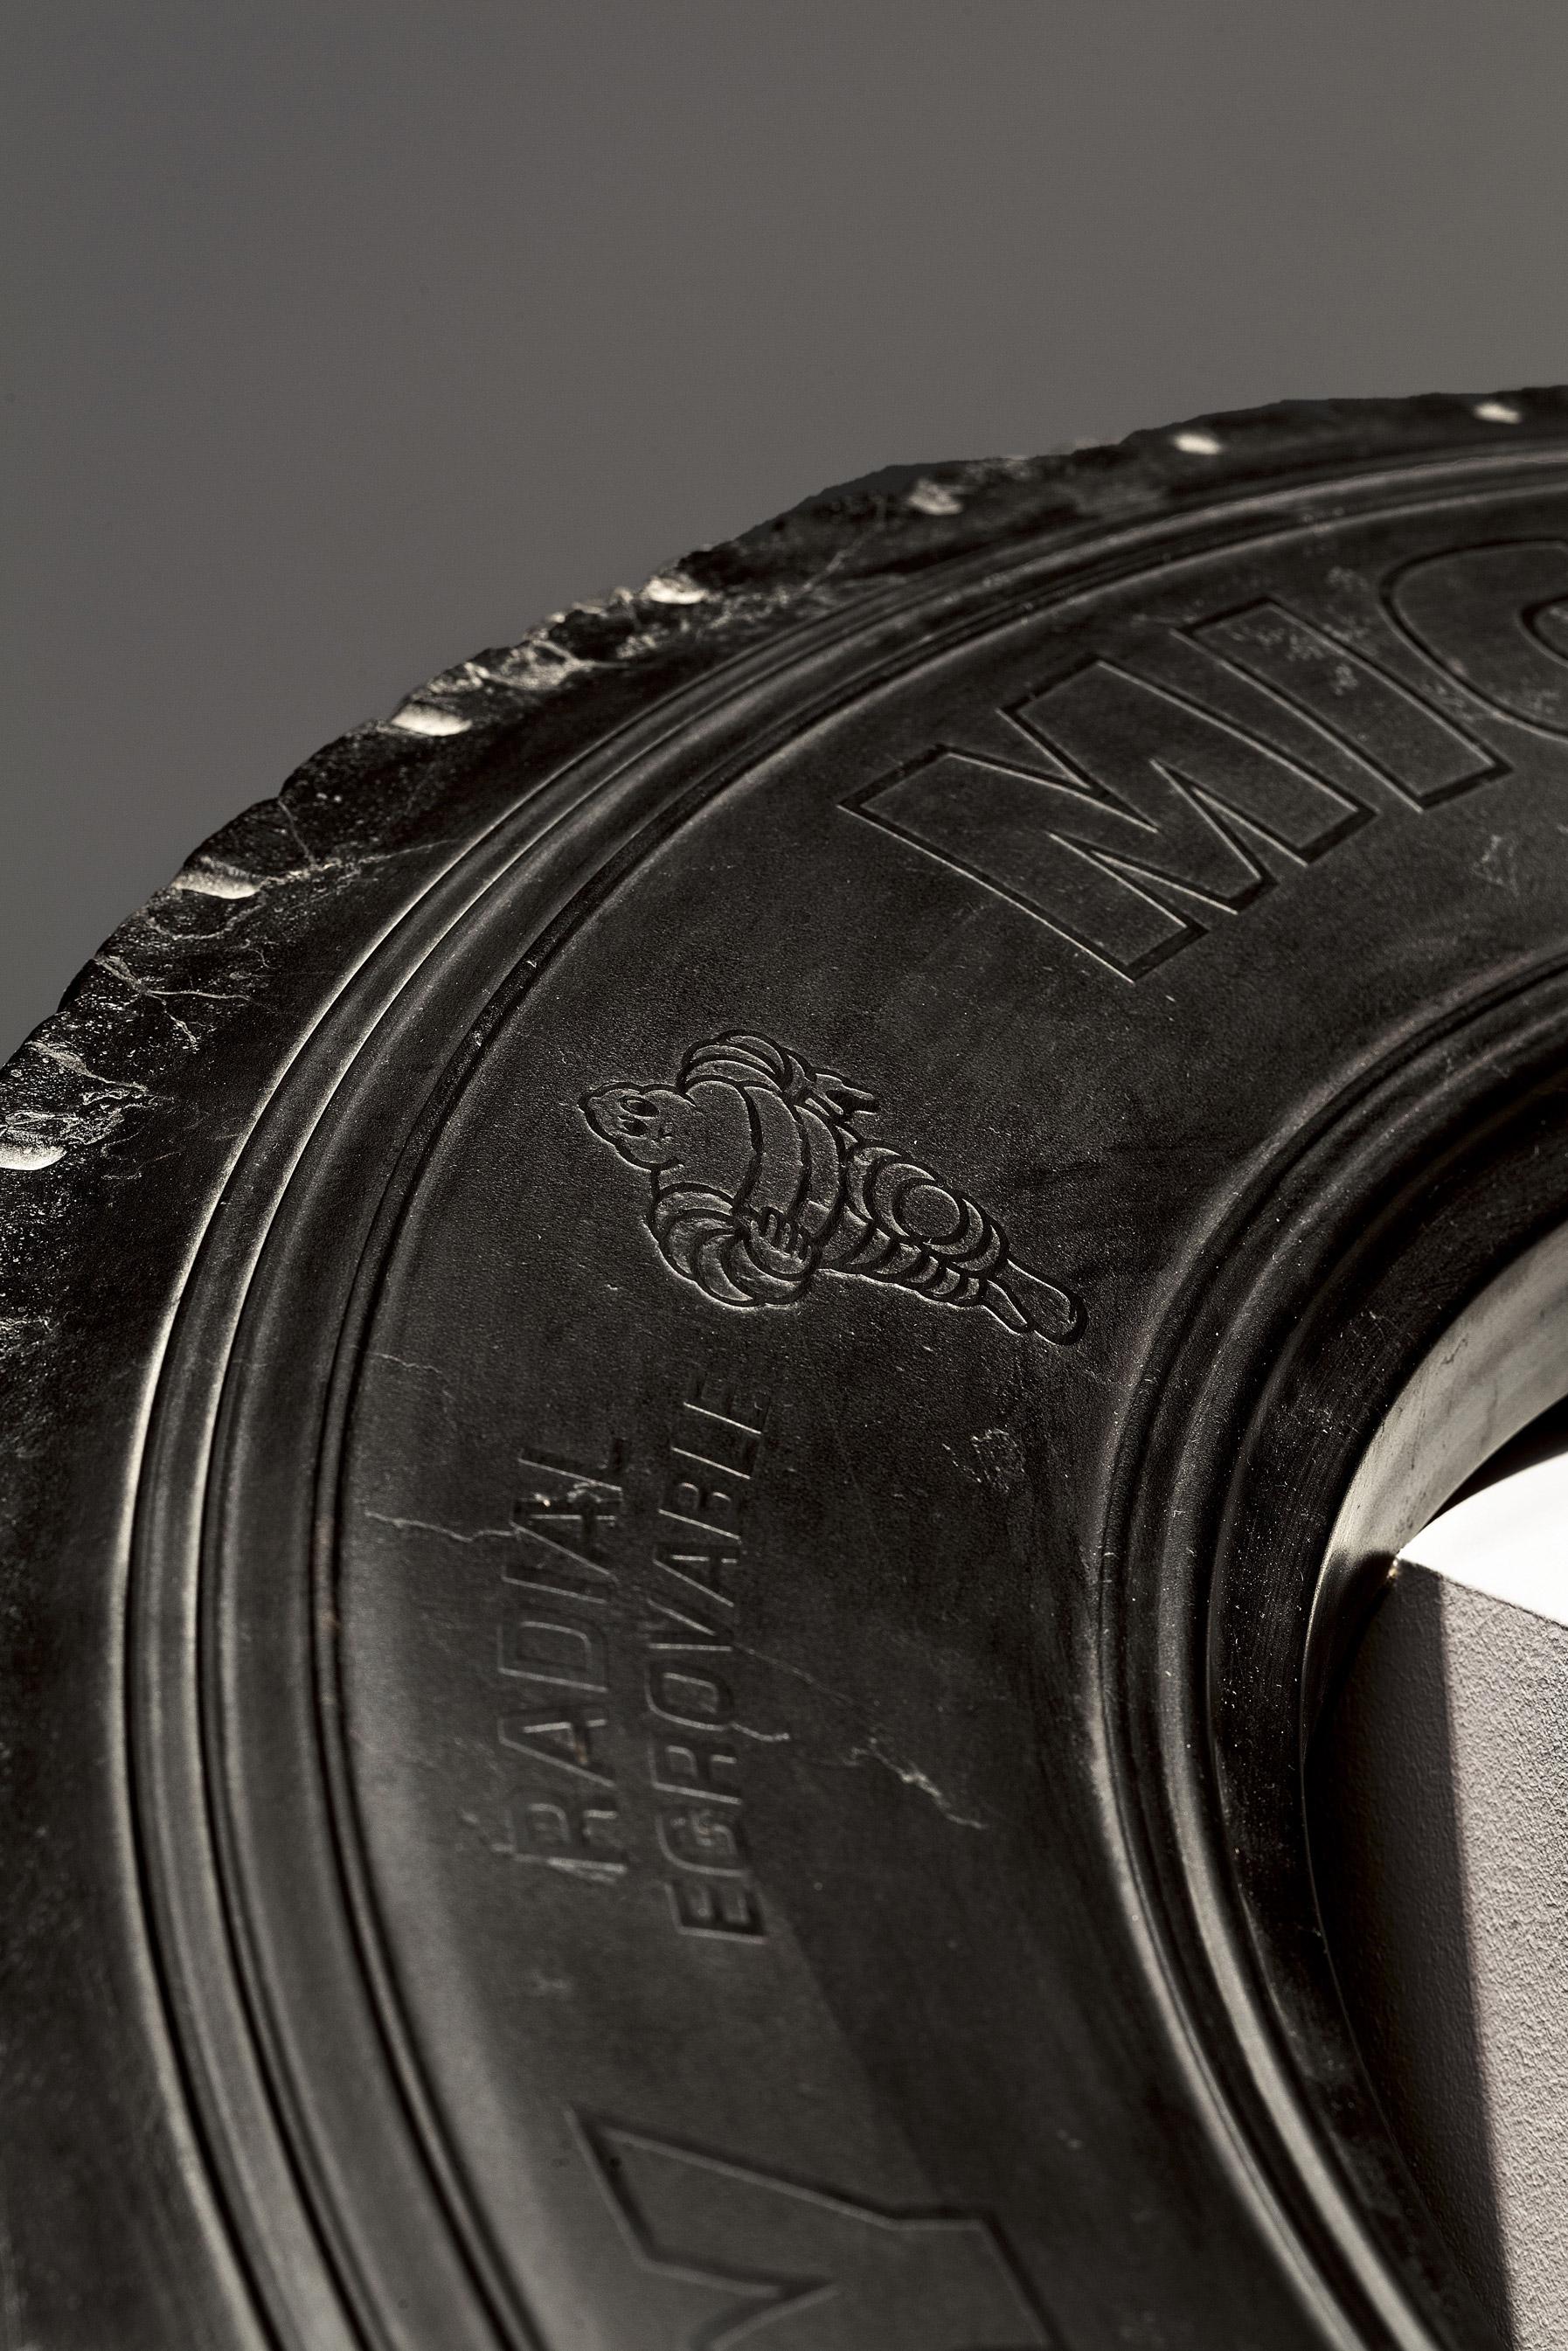 ruota tire fabio viale marmo nero black marble sculpture scultura art